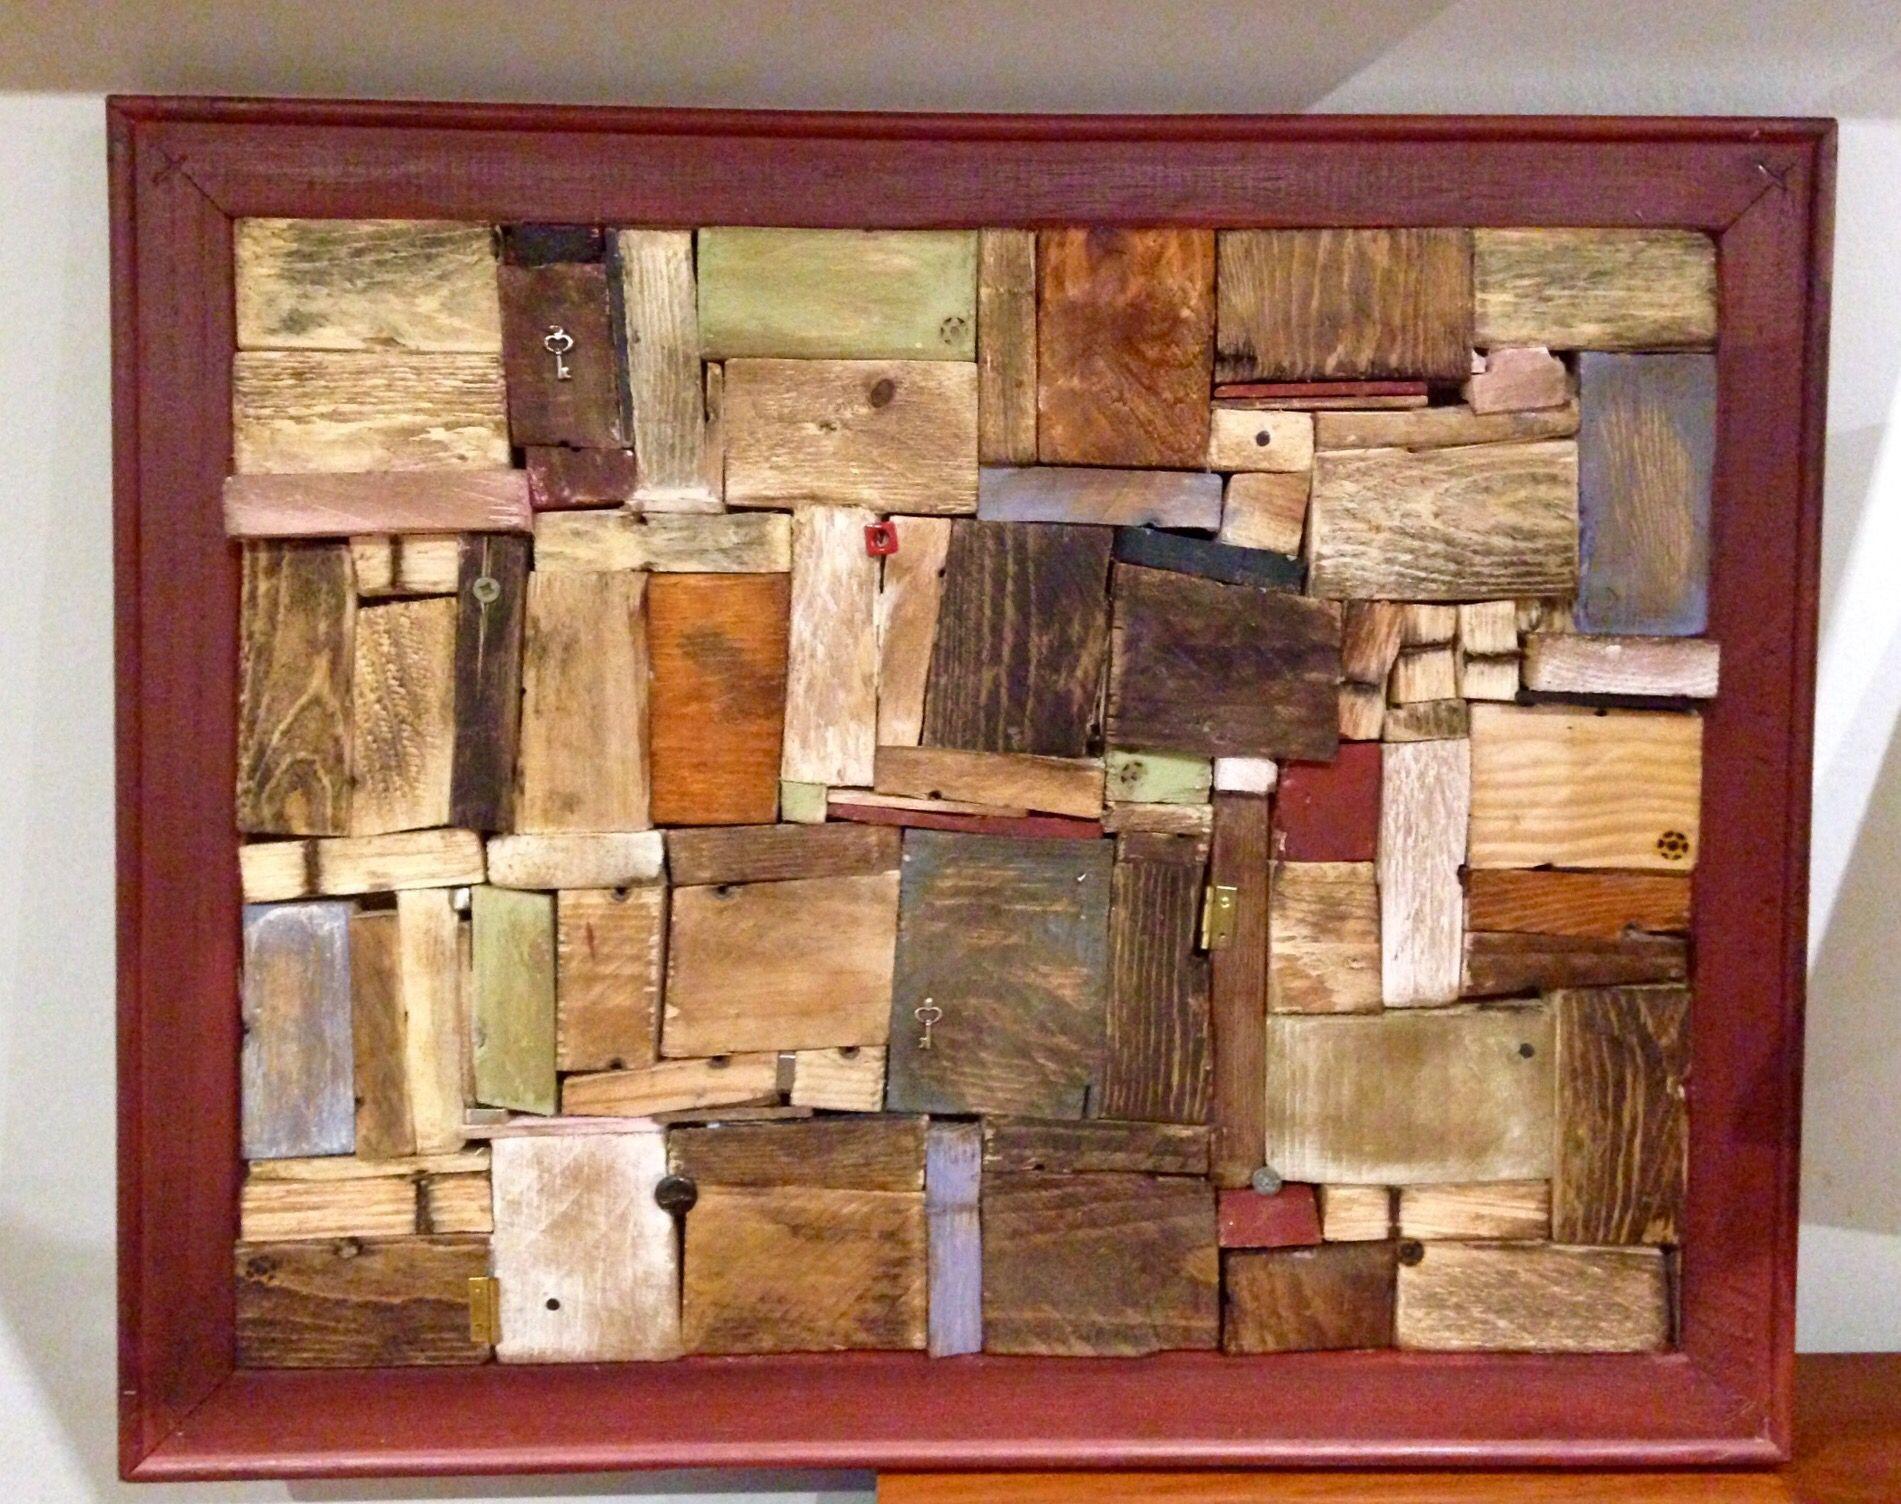 Hecho con materiales reciclados trozos de maderas de - Muebles hechos con materiales reciclados ...